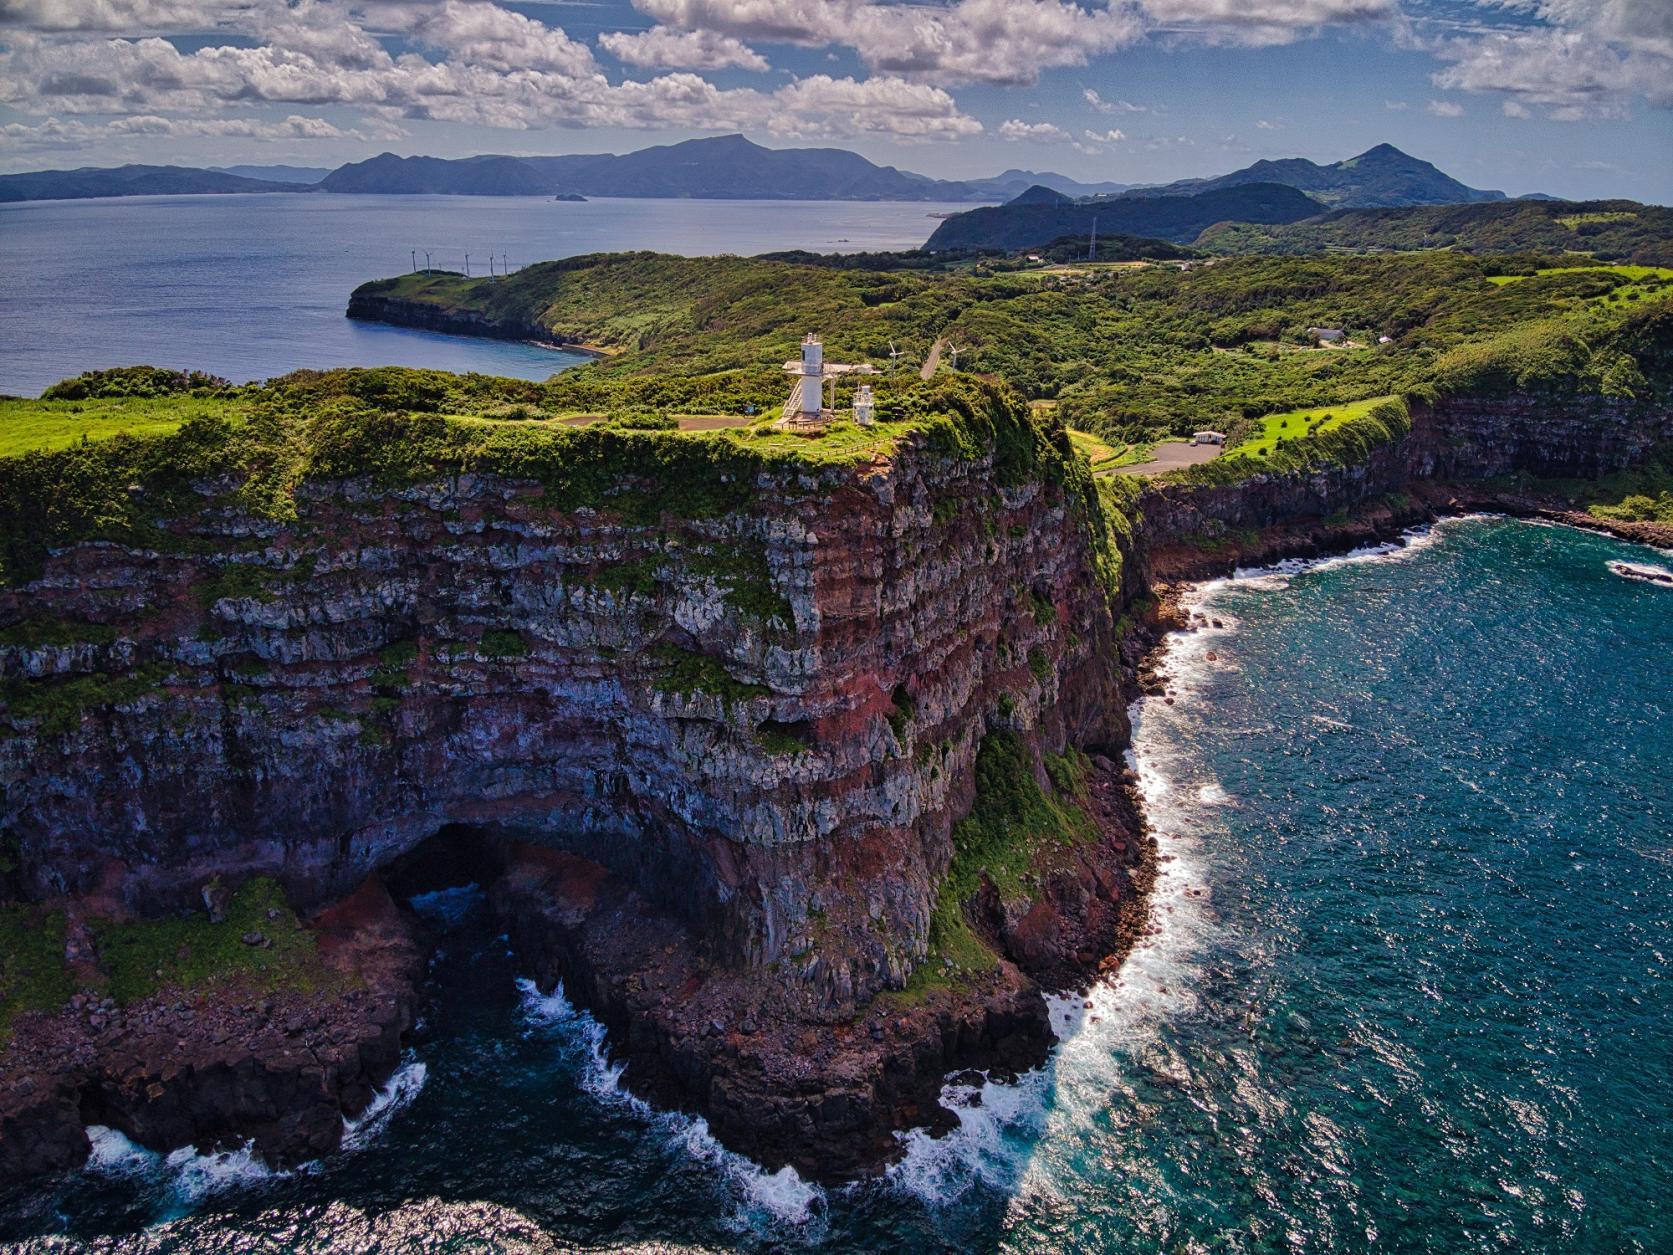 鳥の目で見る!長崎絶景ソラ旅。断崖絶壁の上に立つ大バエ灯台-1